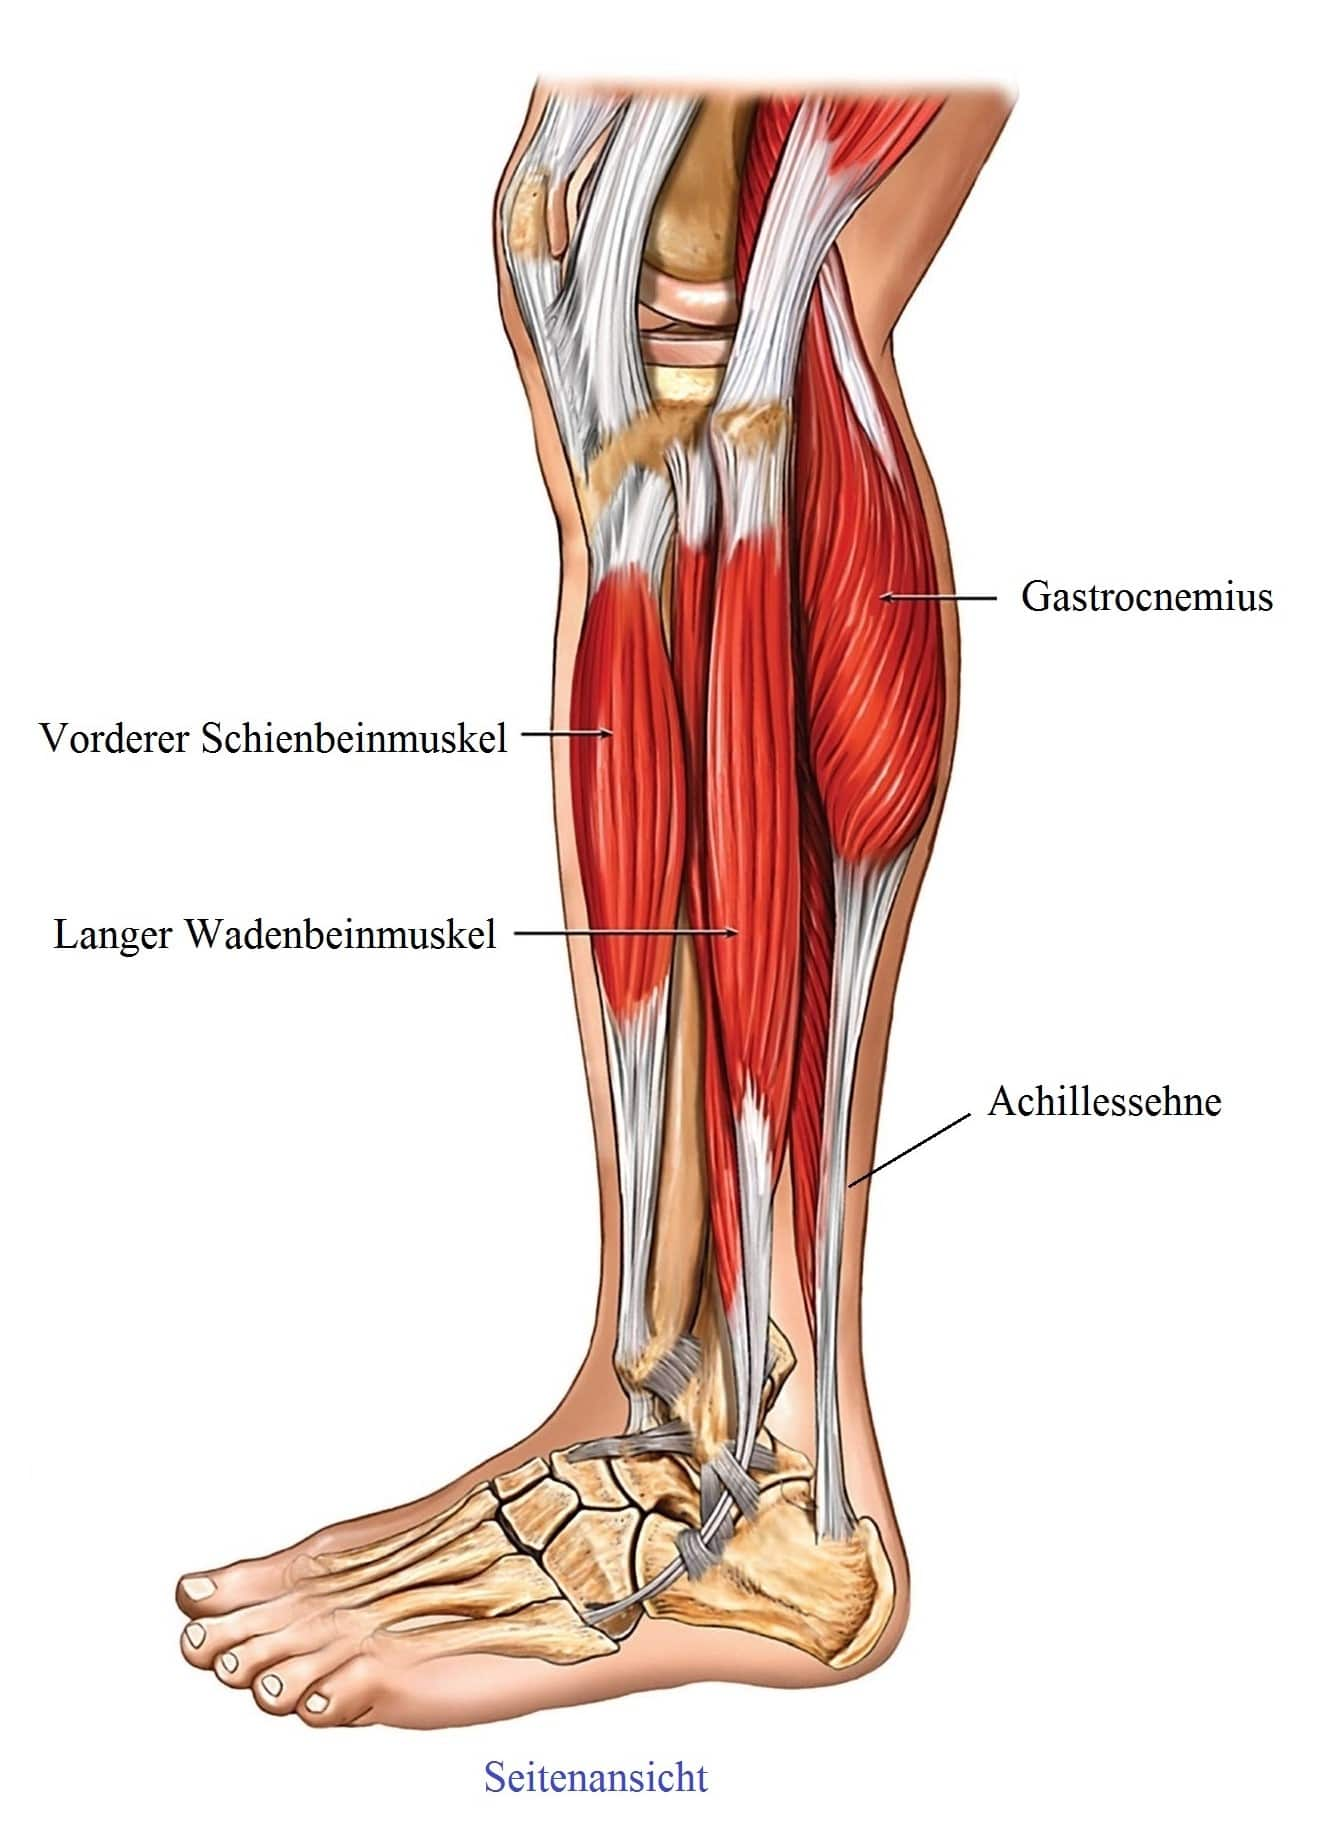 Anatomie, Bein, Muskeln, Sehnen, Gastrocnemius - Symptome und Behandlung